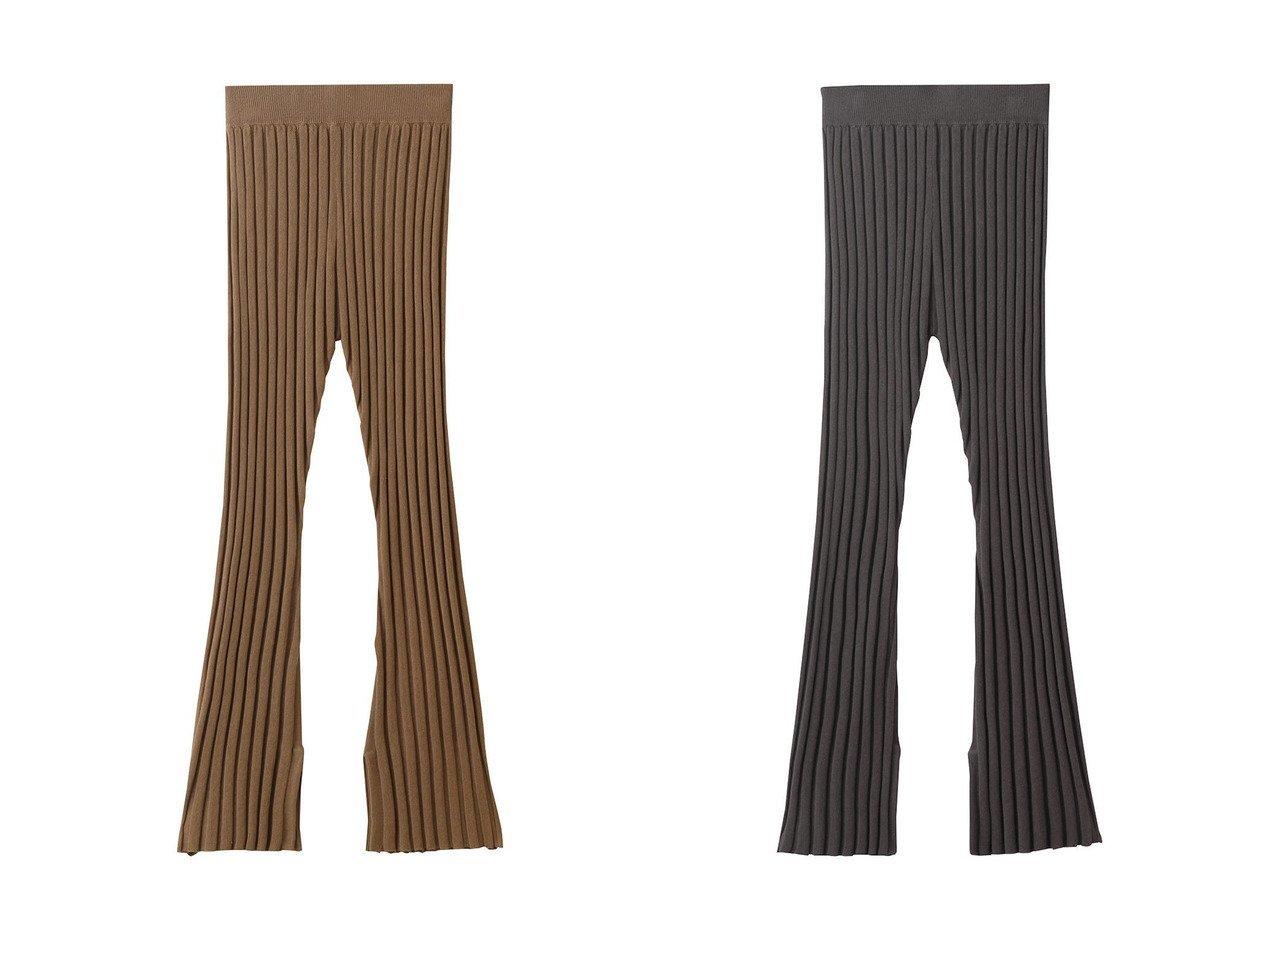 【HOUSE OF LOTUS/ハウス オブ ロータス】のリネンコットン横編みリブニットパンツ 【パンツ】おすすめ!人気、トレンド・レディースファッションの通販 おすすめで人気の流行・トレンド、ファッションの通販商品 インテリア・家具・メンズファッション・キッズファッション・レディースファッション・服の通販 founy(ファニー) https://founy.com/ ファッション Fashion レディースファッション WOMEN パンツ Pants おすすめ Recommend ストライプ スリット セットアップ リネン |ID:crp329100000049377